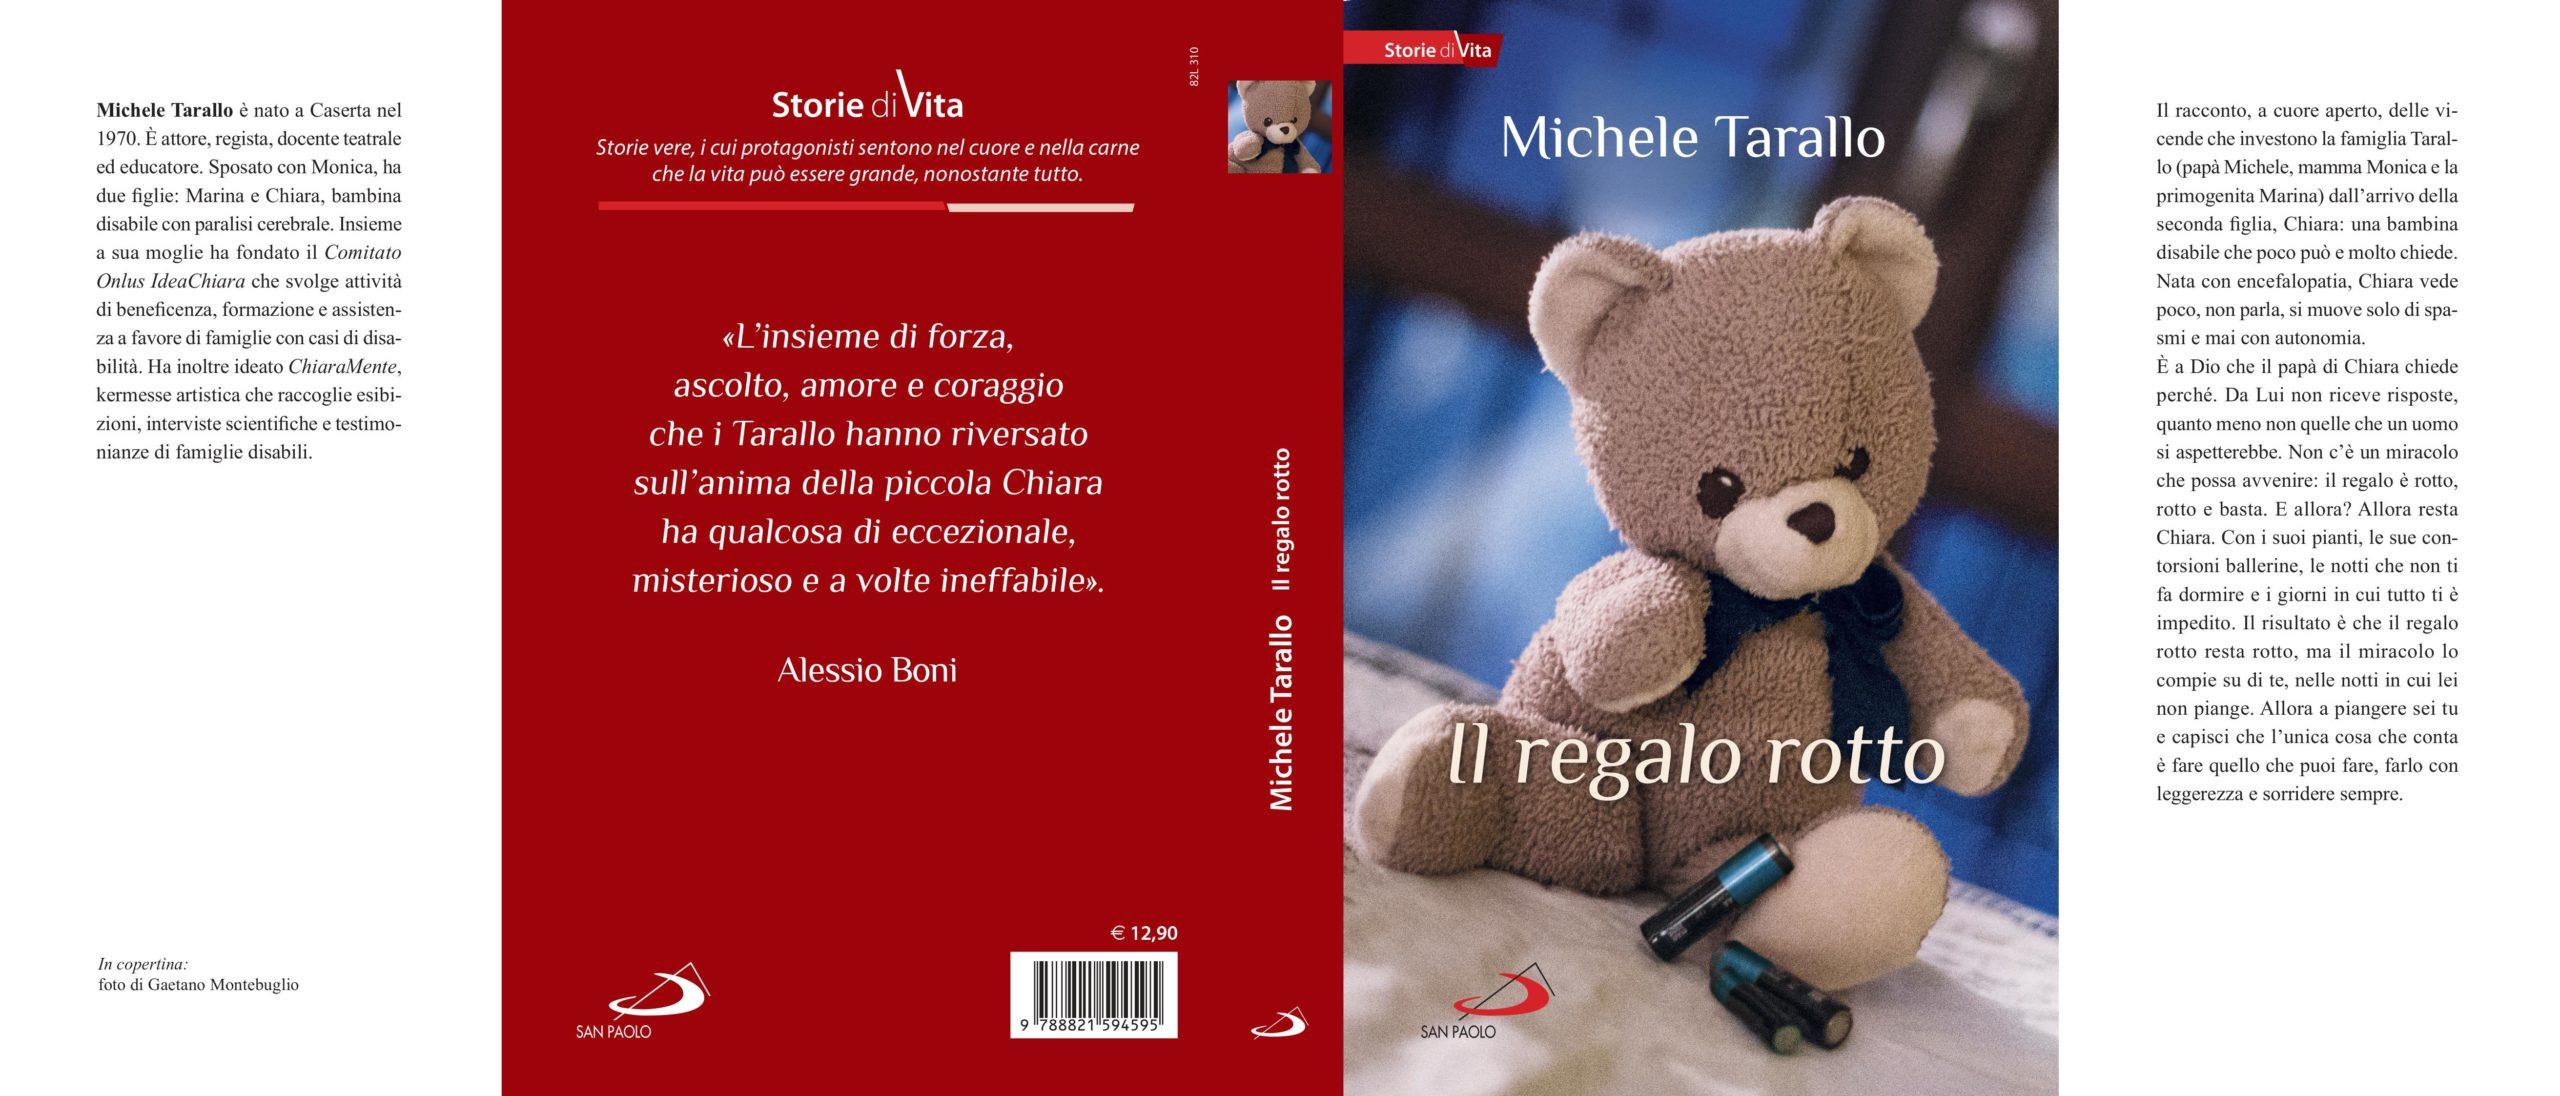 """Taekwondo Caserta sostiene """"Il Regalo Rotto"""" di Michele Tarallo"""